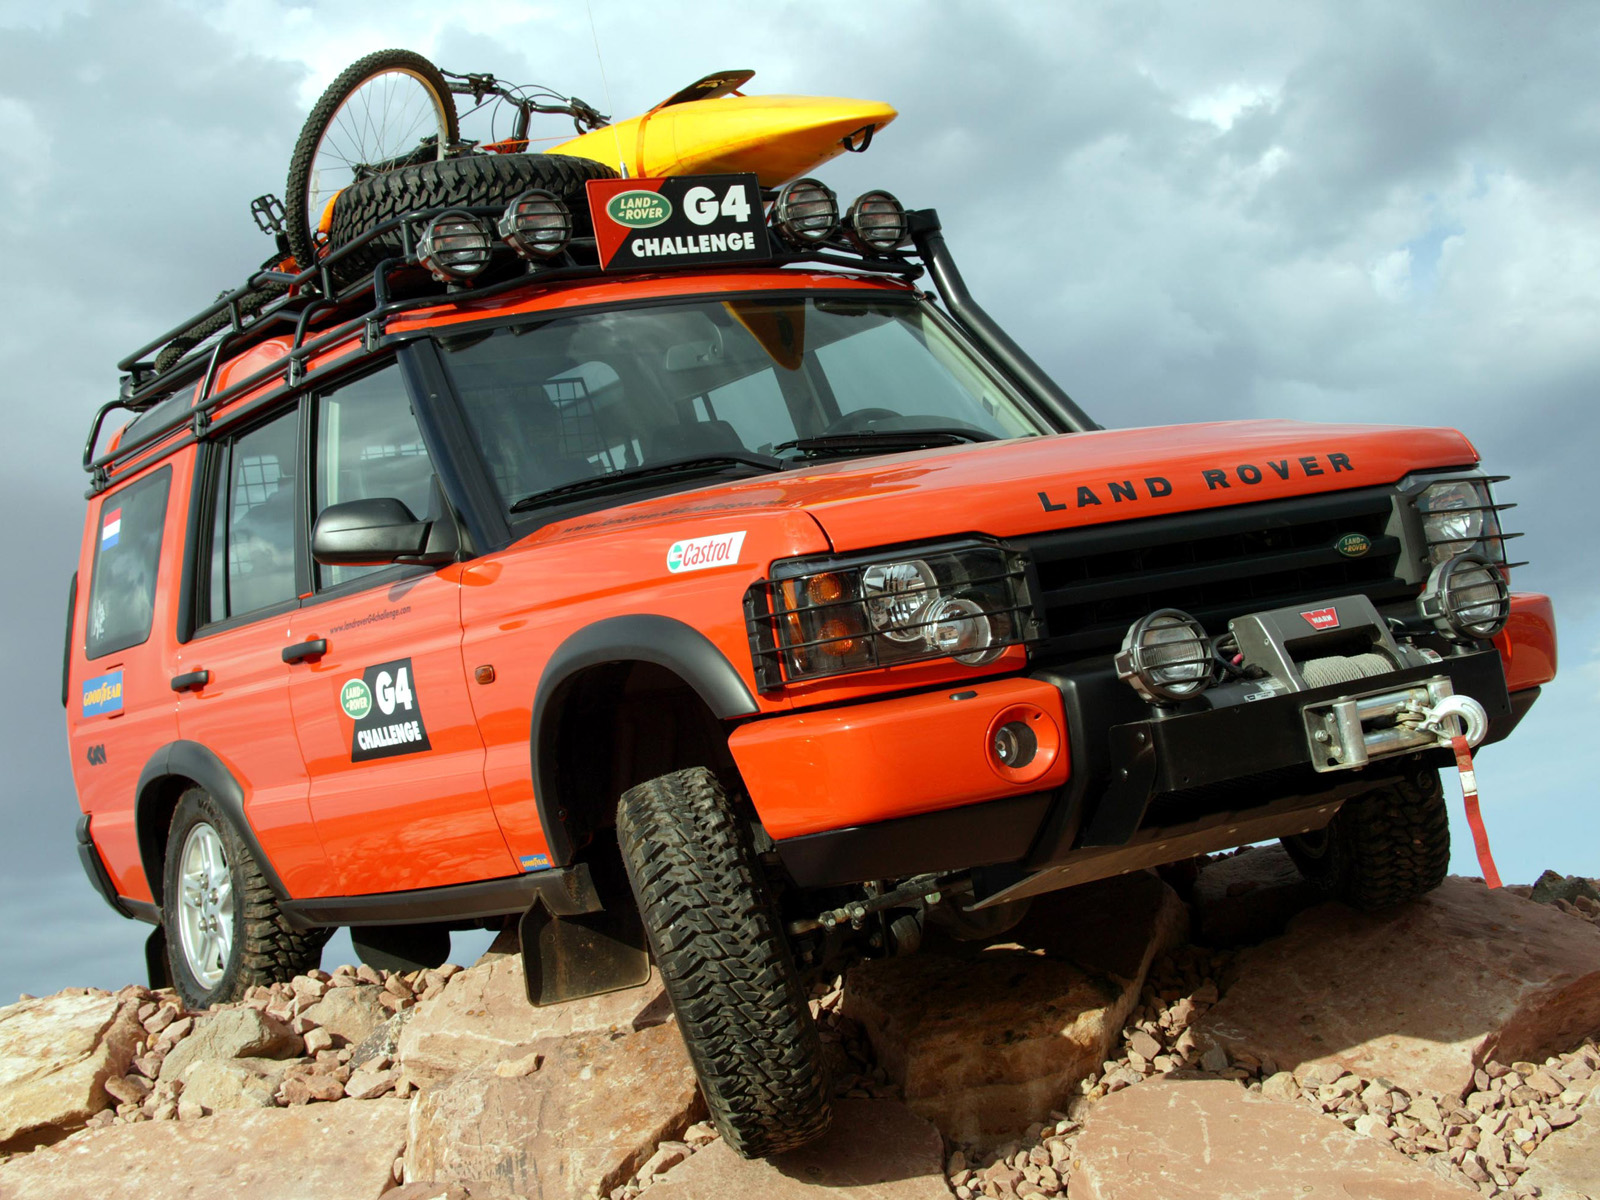 Велосипед land rover experience sport disc lr10202014 - купить в интернет-магазине автофанатик